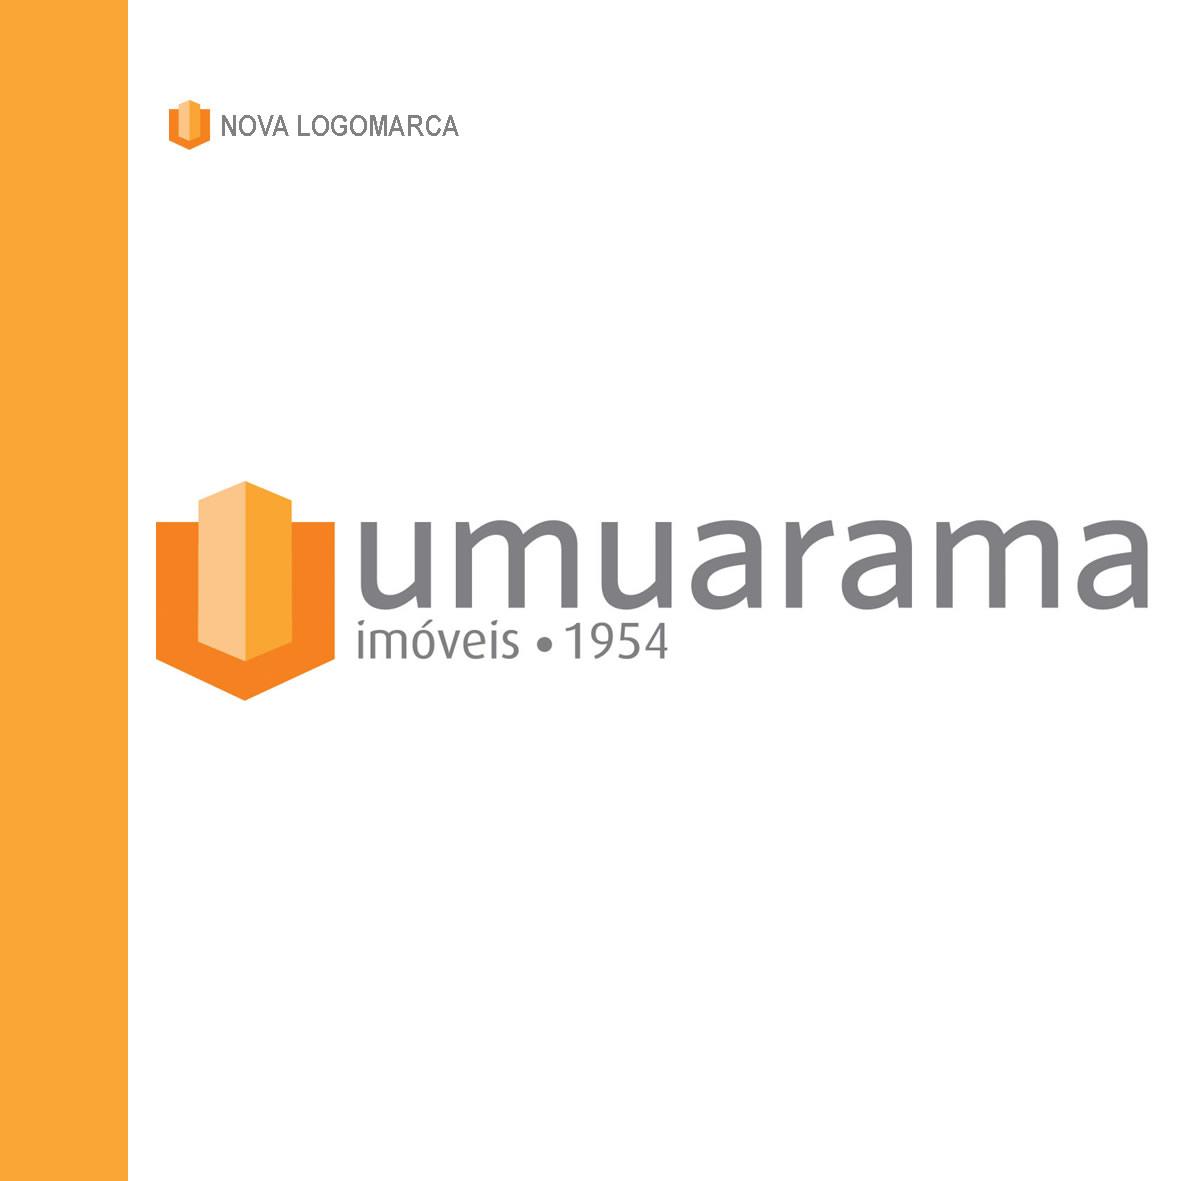 Nova logomarca Umuarama